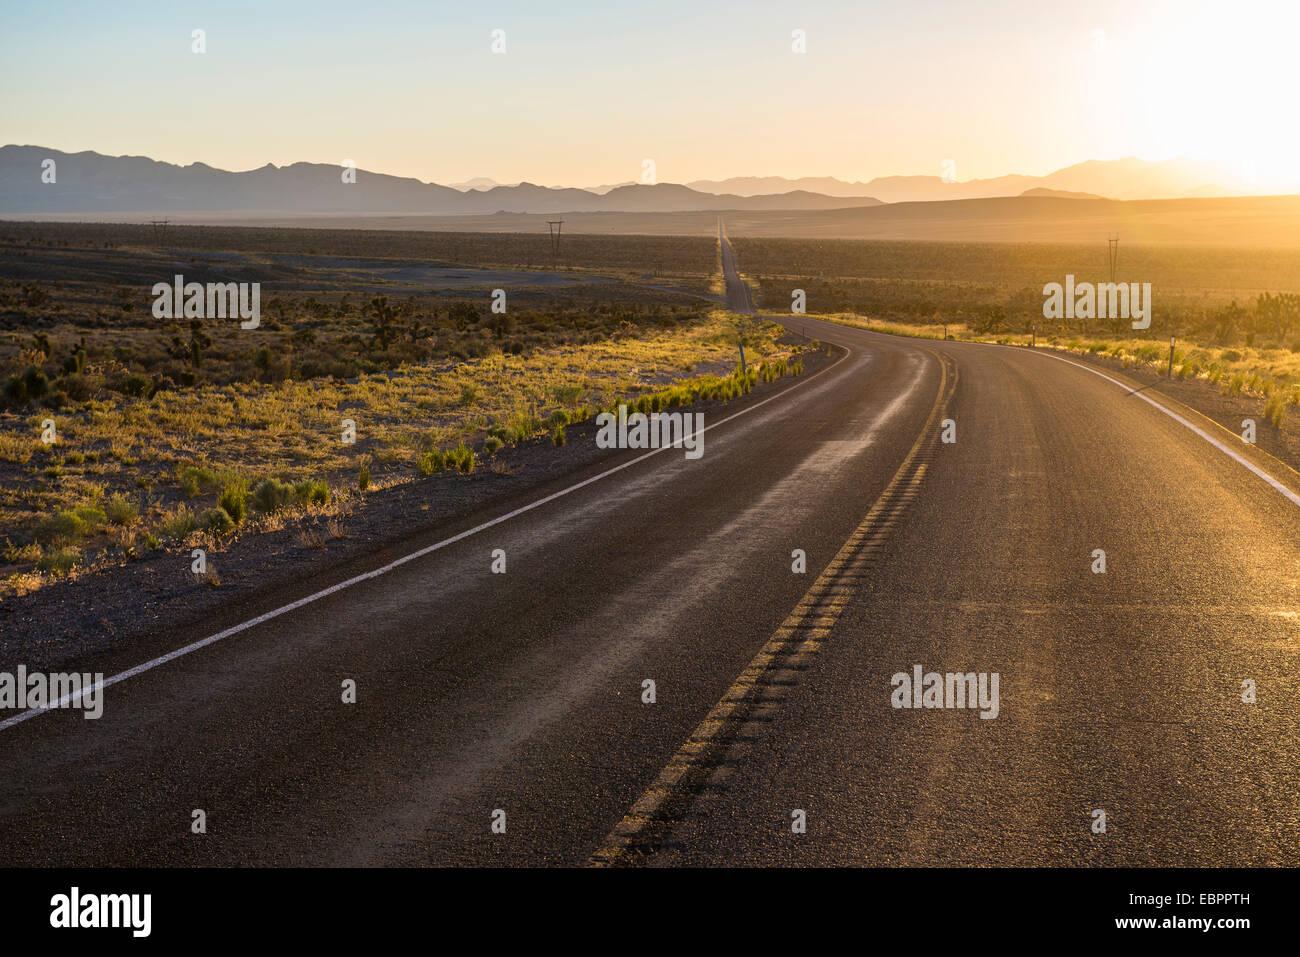 Lange kurvenreiche Straße bei Sonnenuntergang im östlichen Nevada, Vereinigte Staaten von Amerika, Nordamerika Stockbild